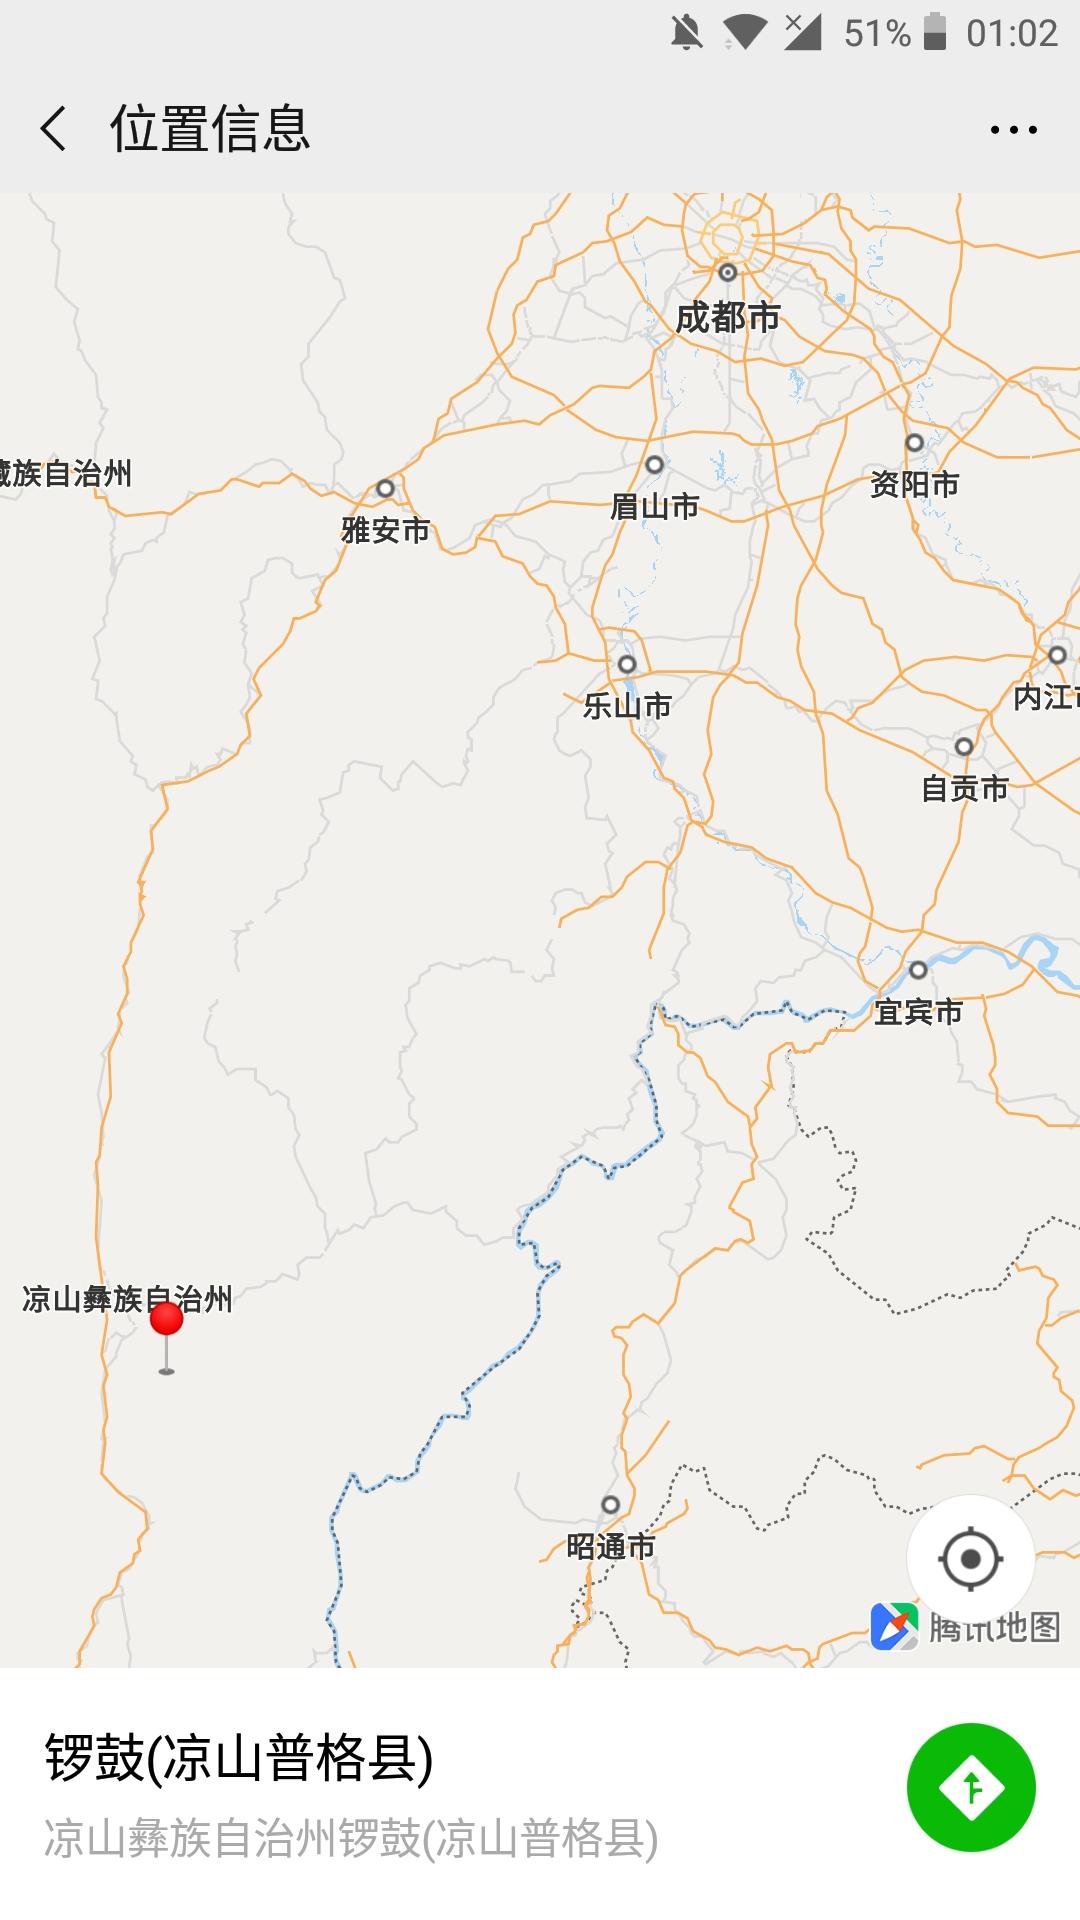 http://www.bjhexi.com/shehuiwanxiang/793048.html